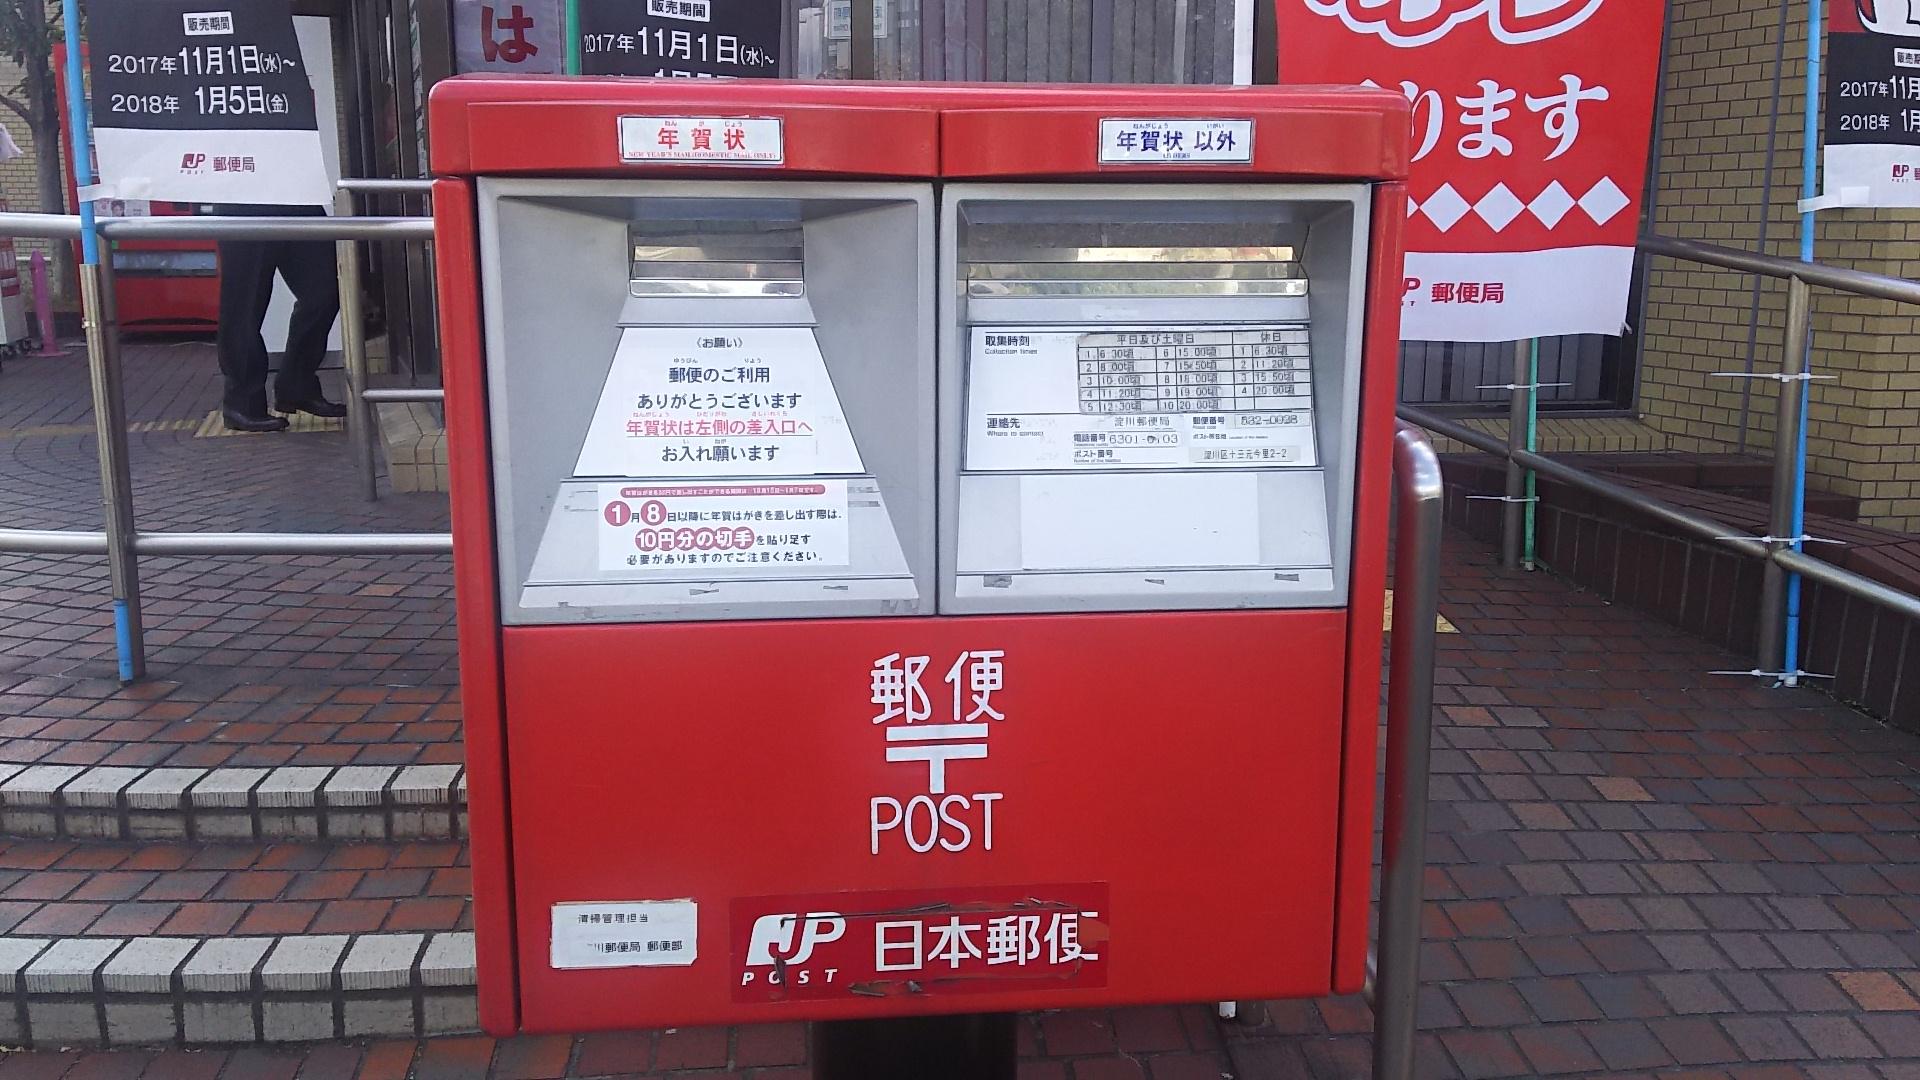 ポスト 郵便 時間 局 集荷